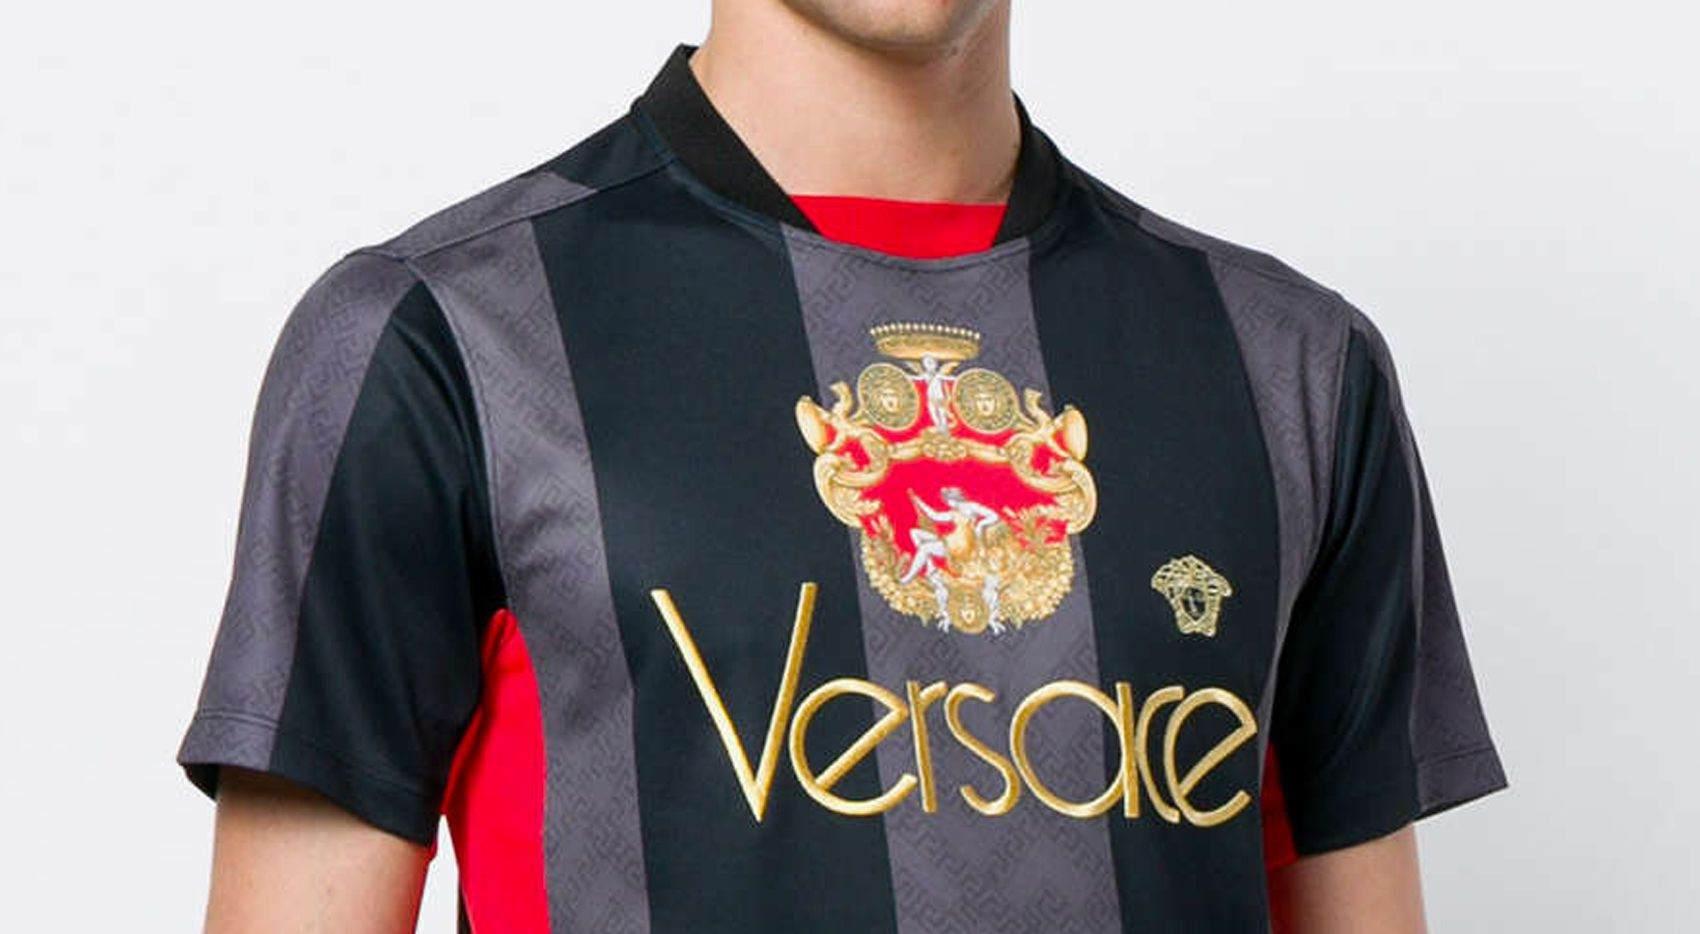 Versace football jersey